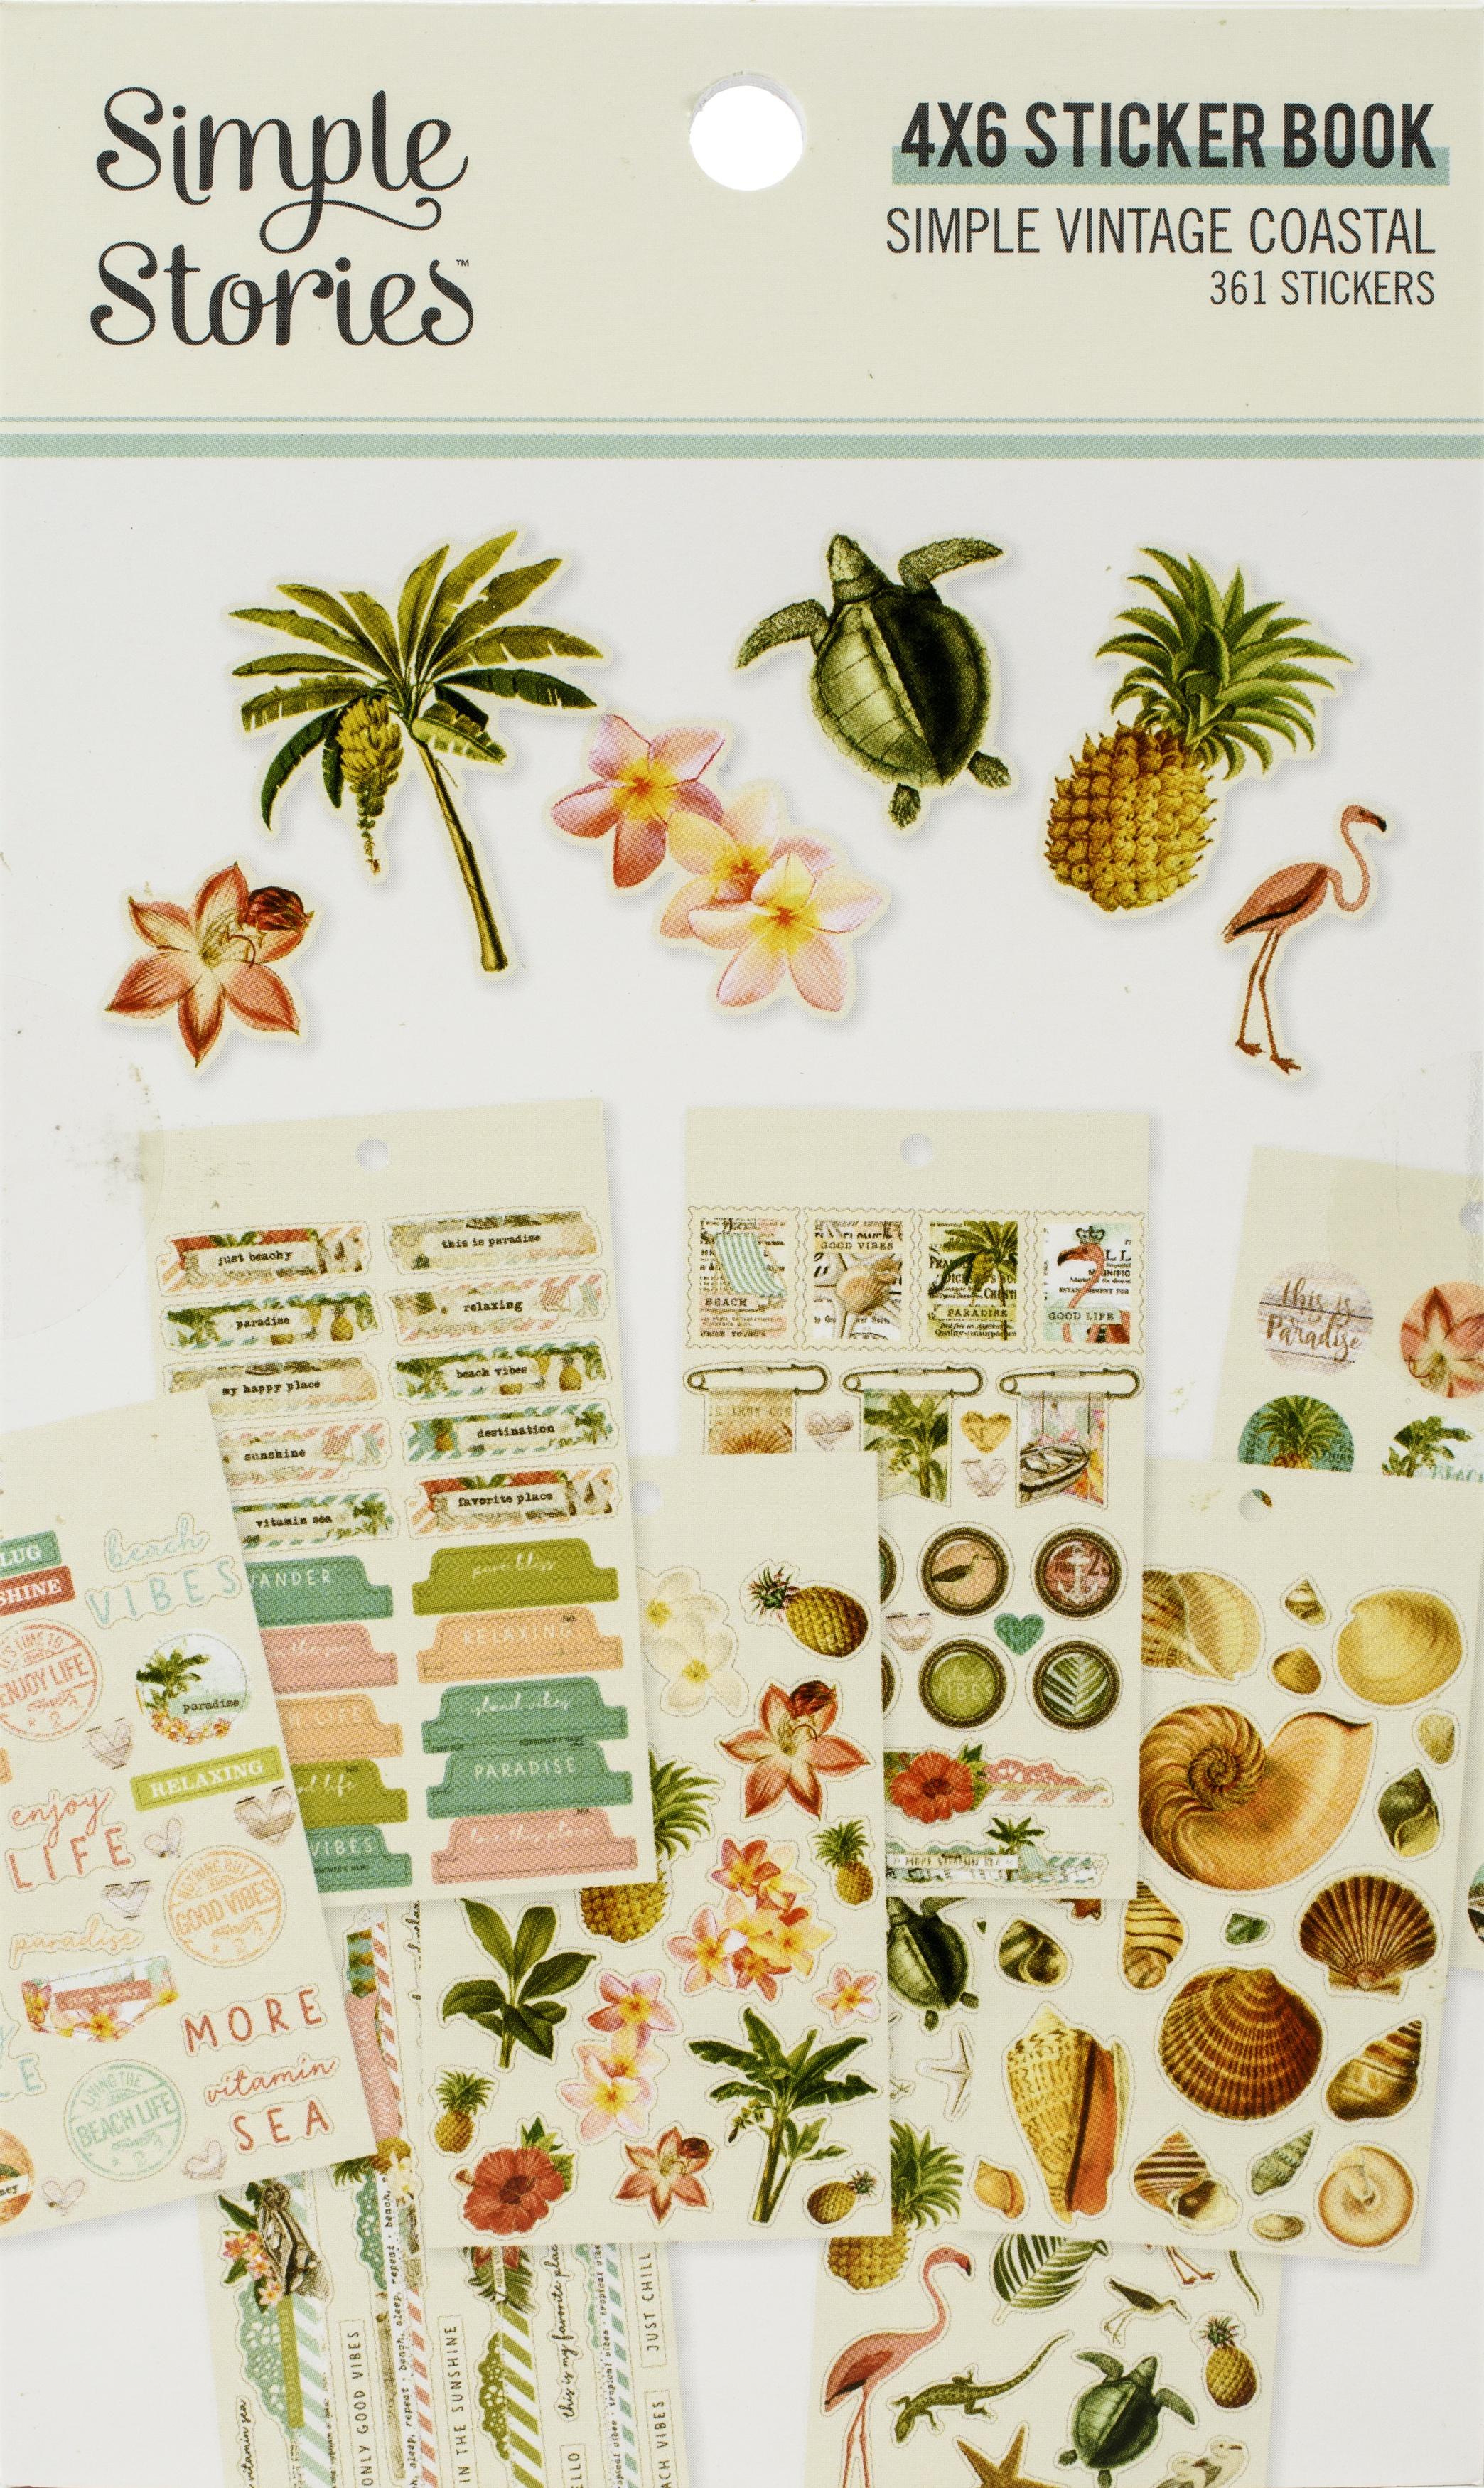 Simple Vintage Coastal Stickers 4X6 12/Pkg-